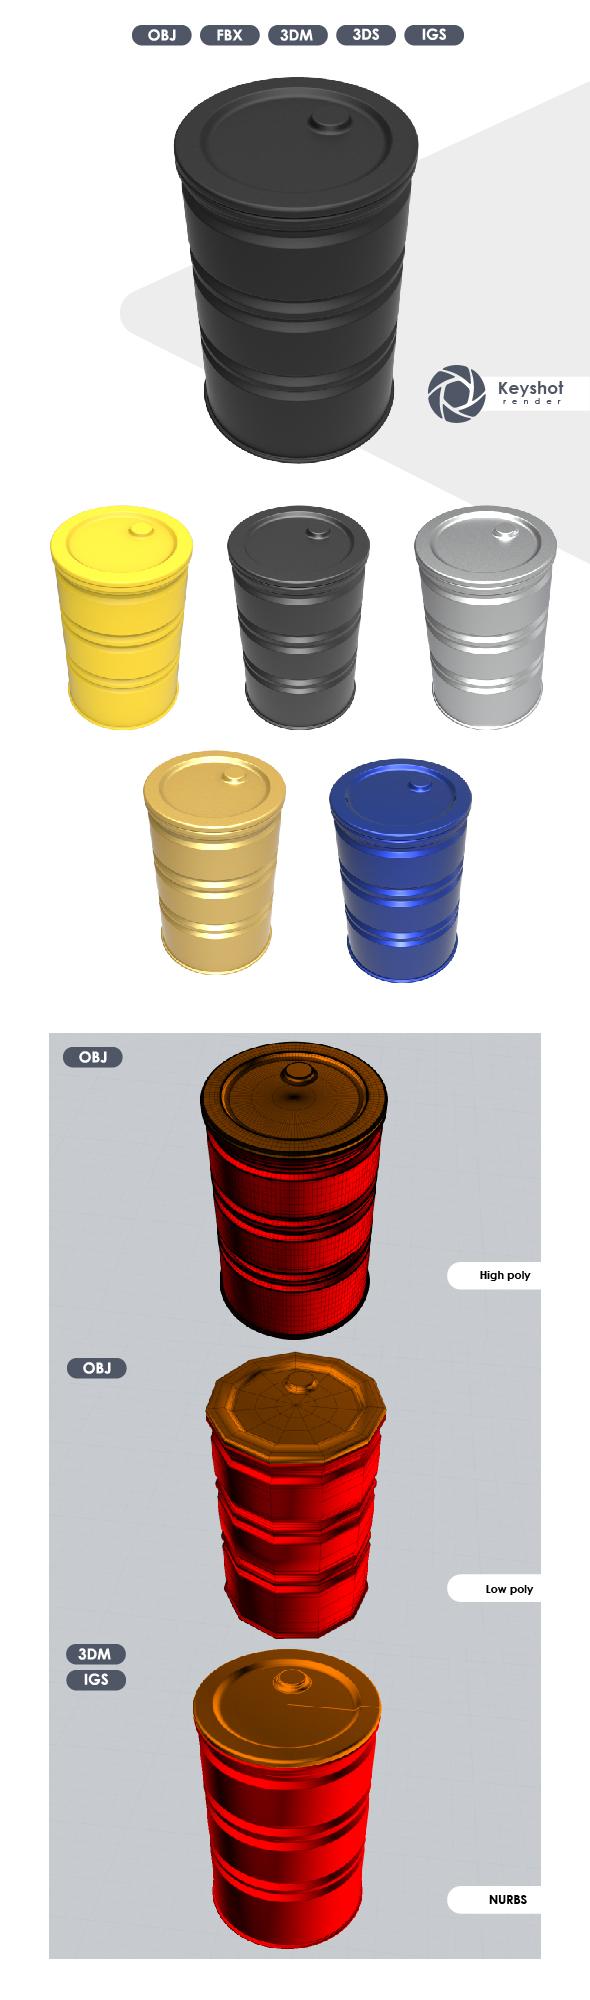 3D Model of a Metal Barrel.